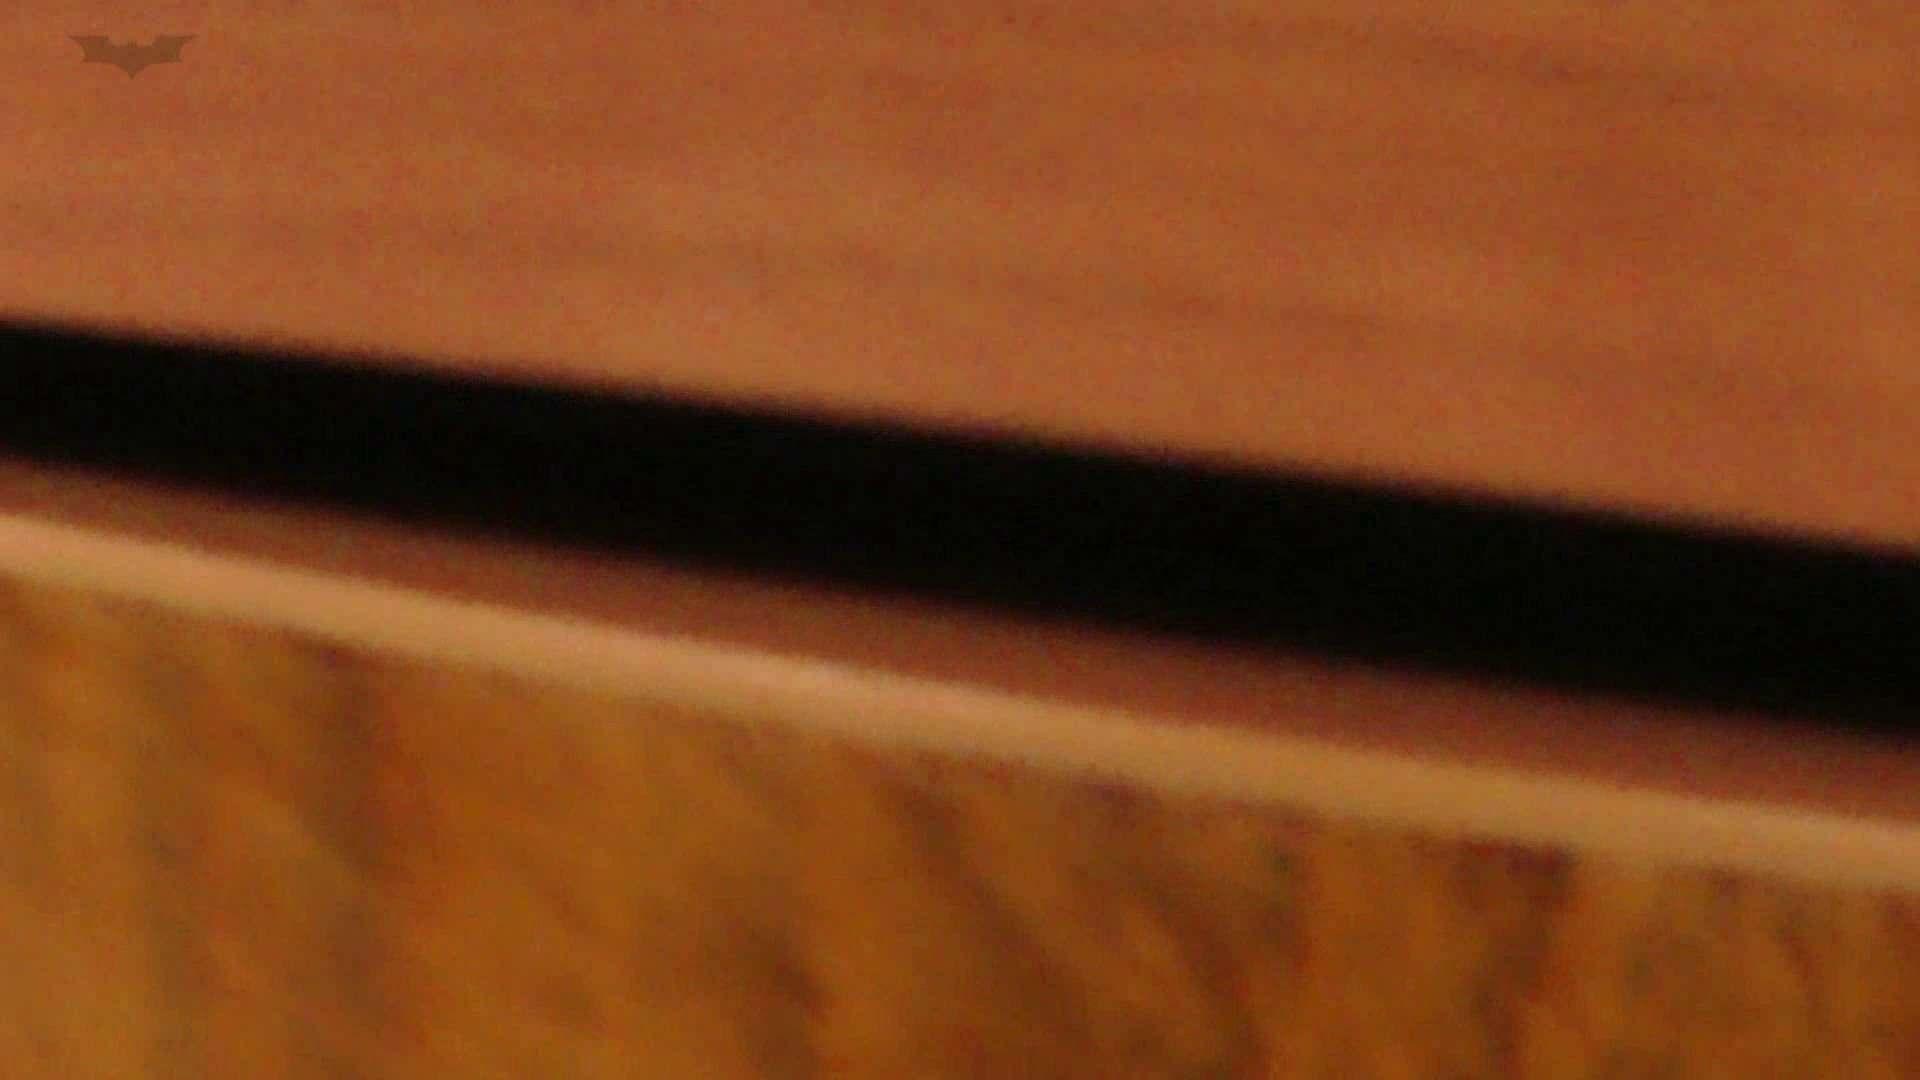 悪戯ネットカフェ Vol12 二人を好き放題イジっちゃいました。 いじくり  106PIX 6